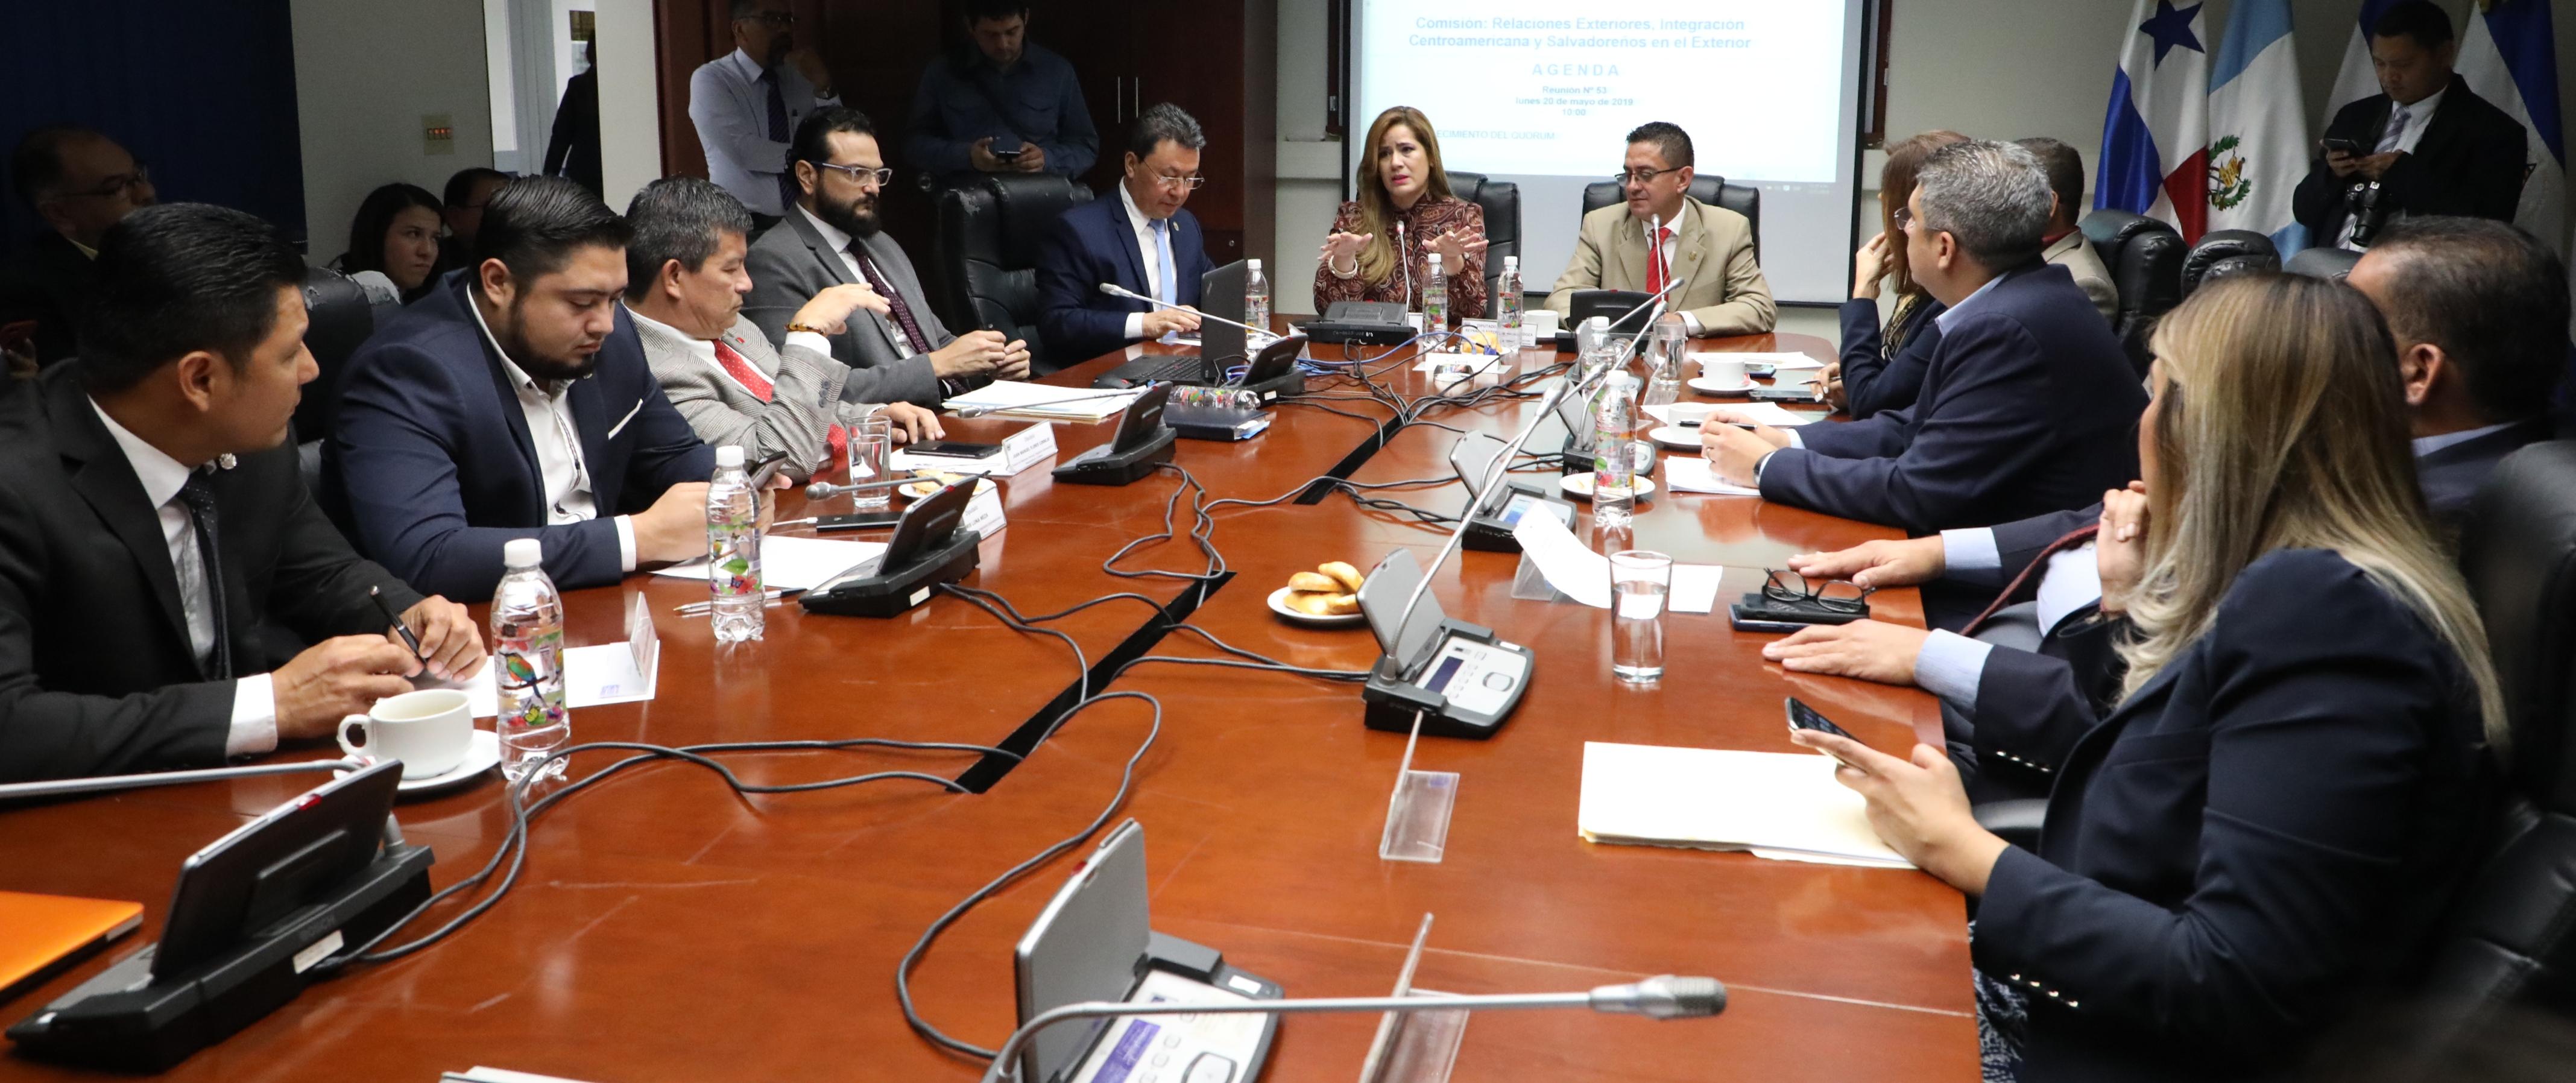 Reciben informe tras nuevo cabildeo con congresistas de EE.UU. a favor del TPS